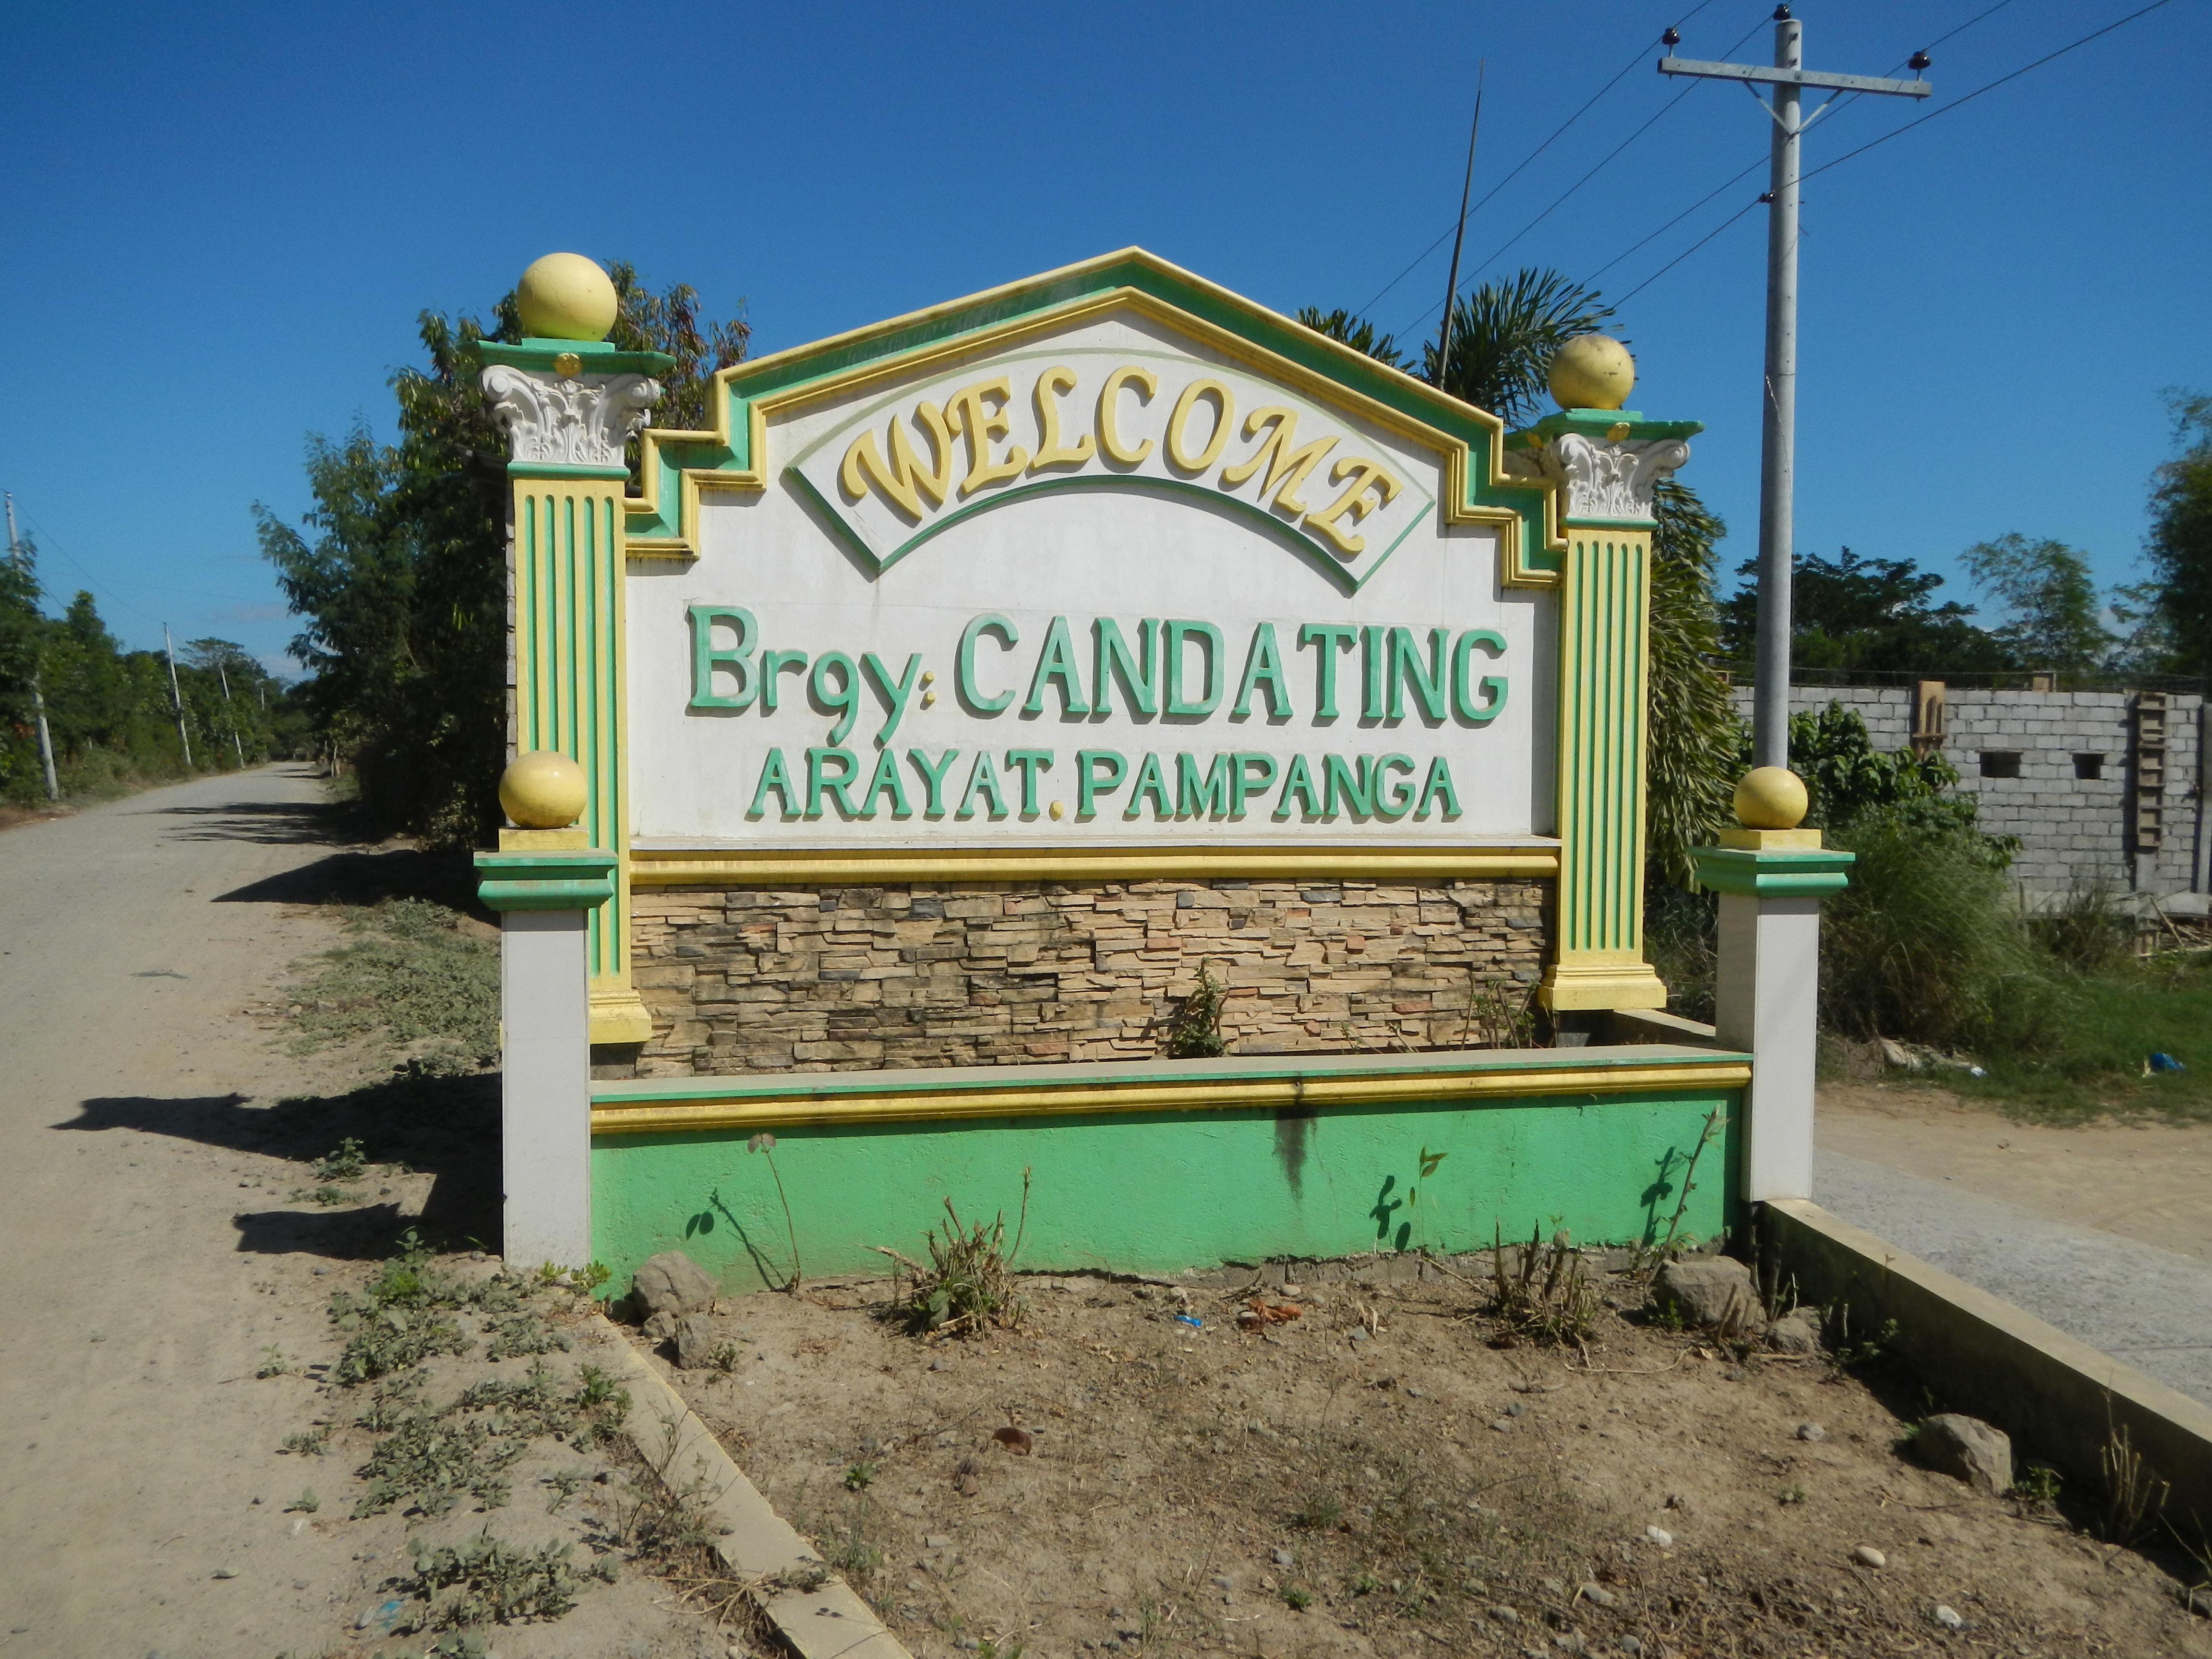 Candating arayat pampanga